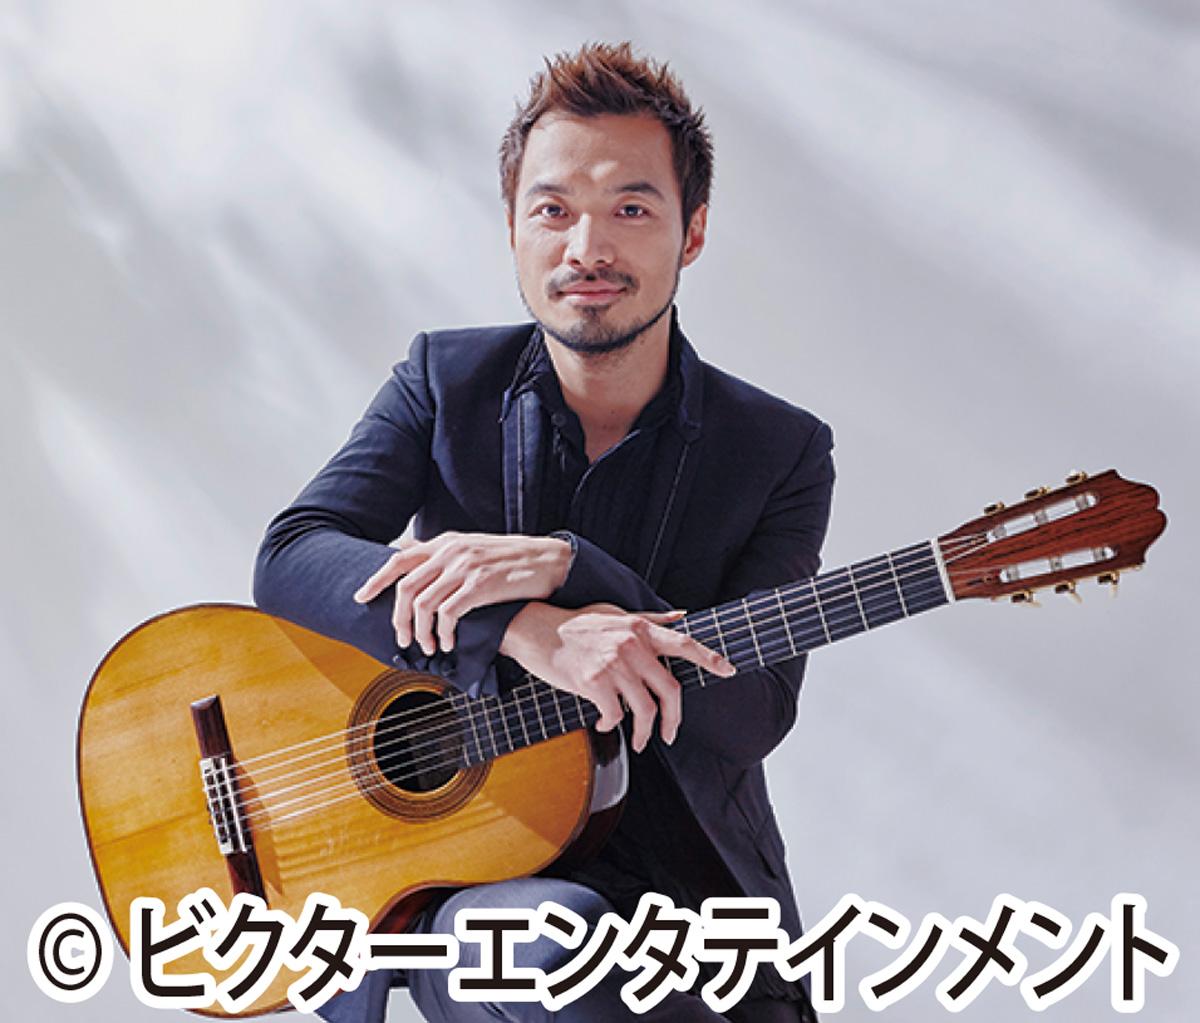 スカボロー・フェア~歌とギターで映画音楽~@和光大学ポプリホール鶴川